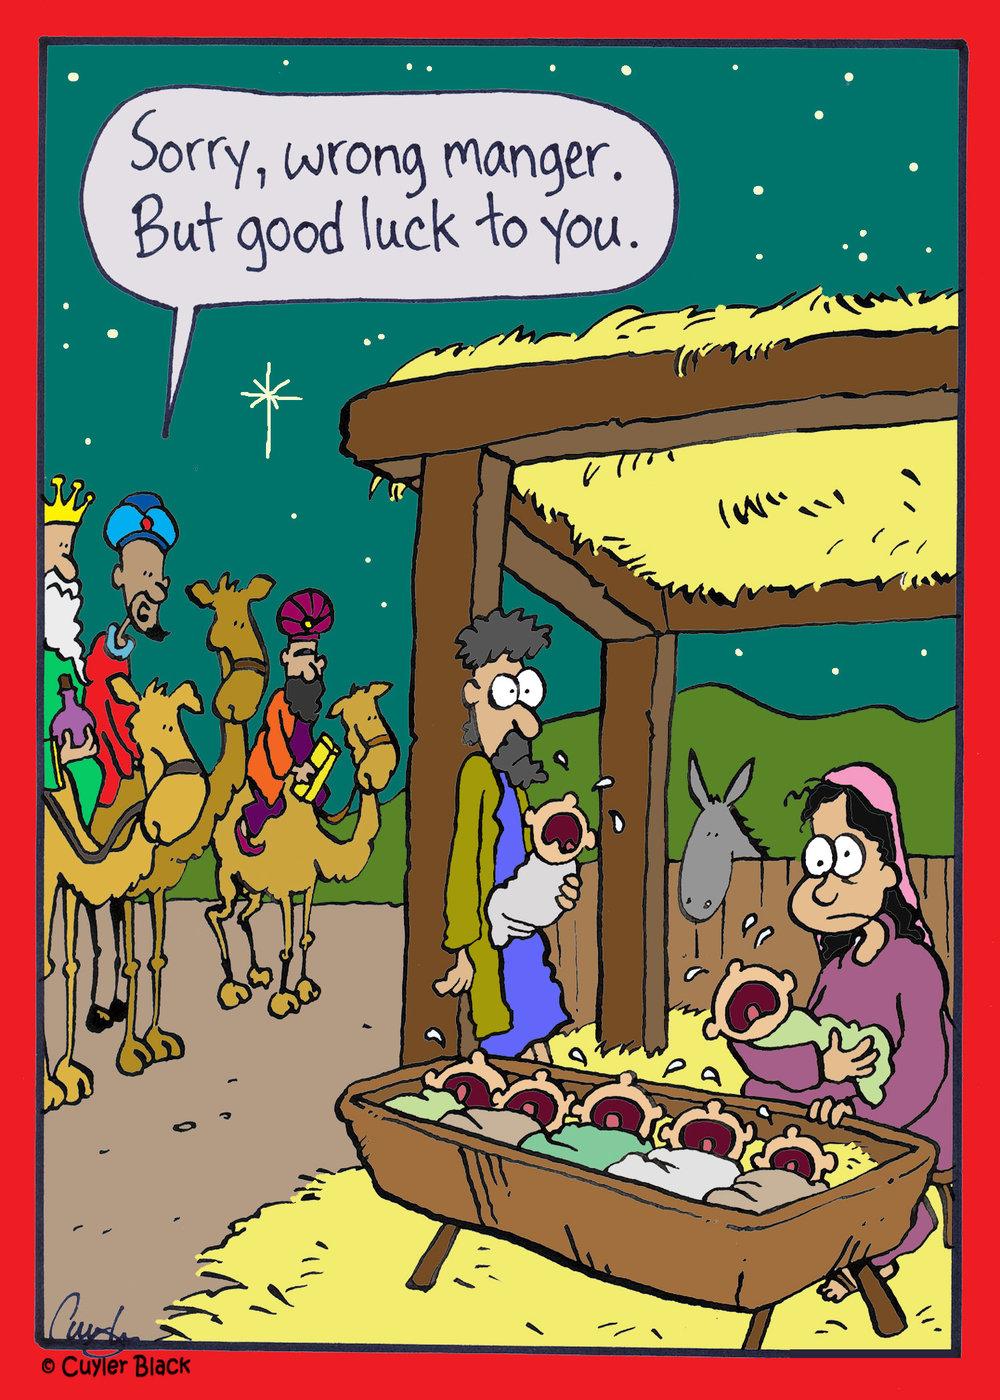 wrong manger.jpg